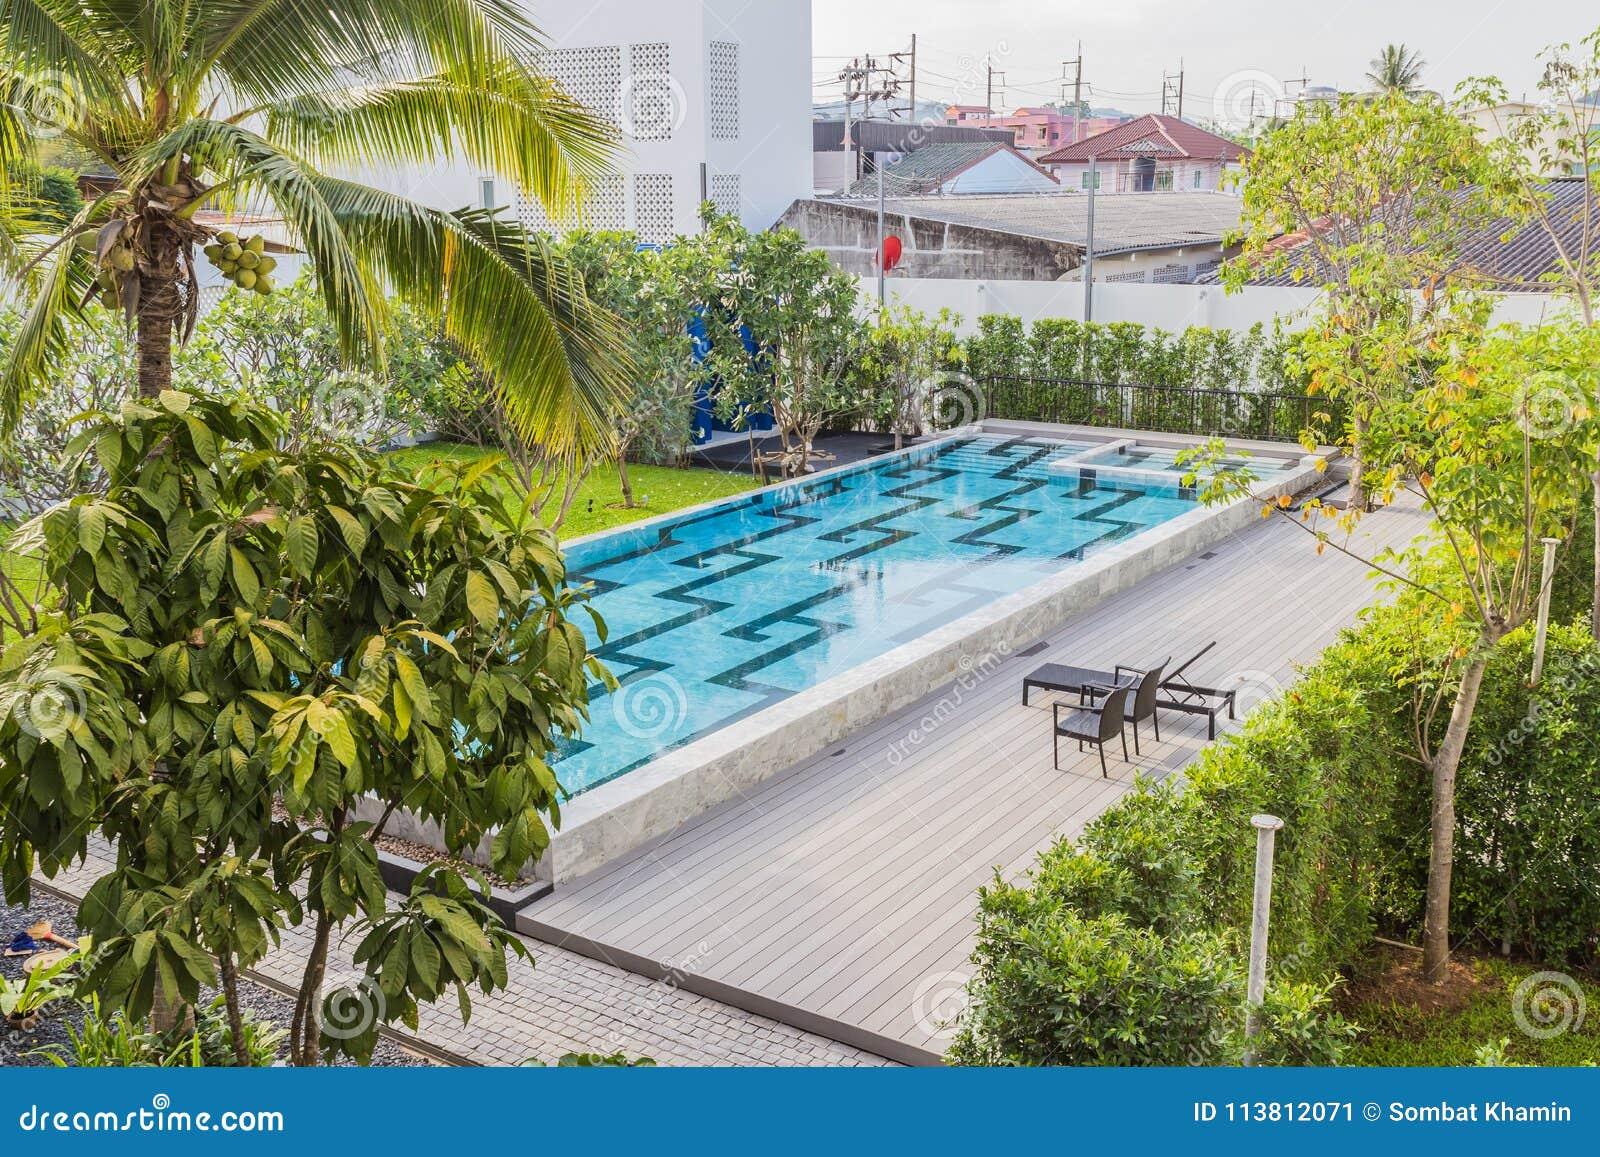 Phuket, Thaïlande - 19 avril 2017 : La piscine du Litt